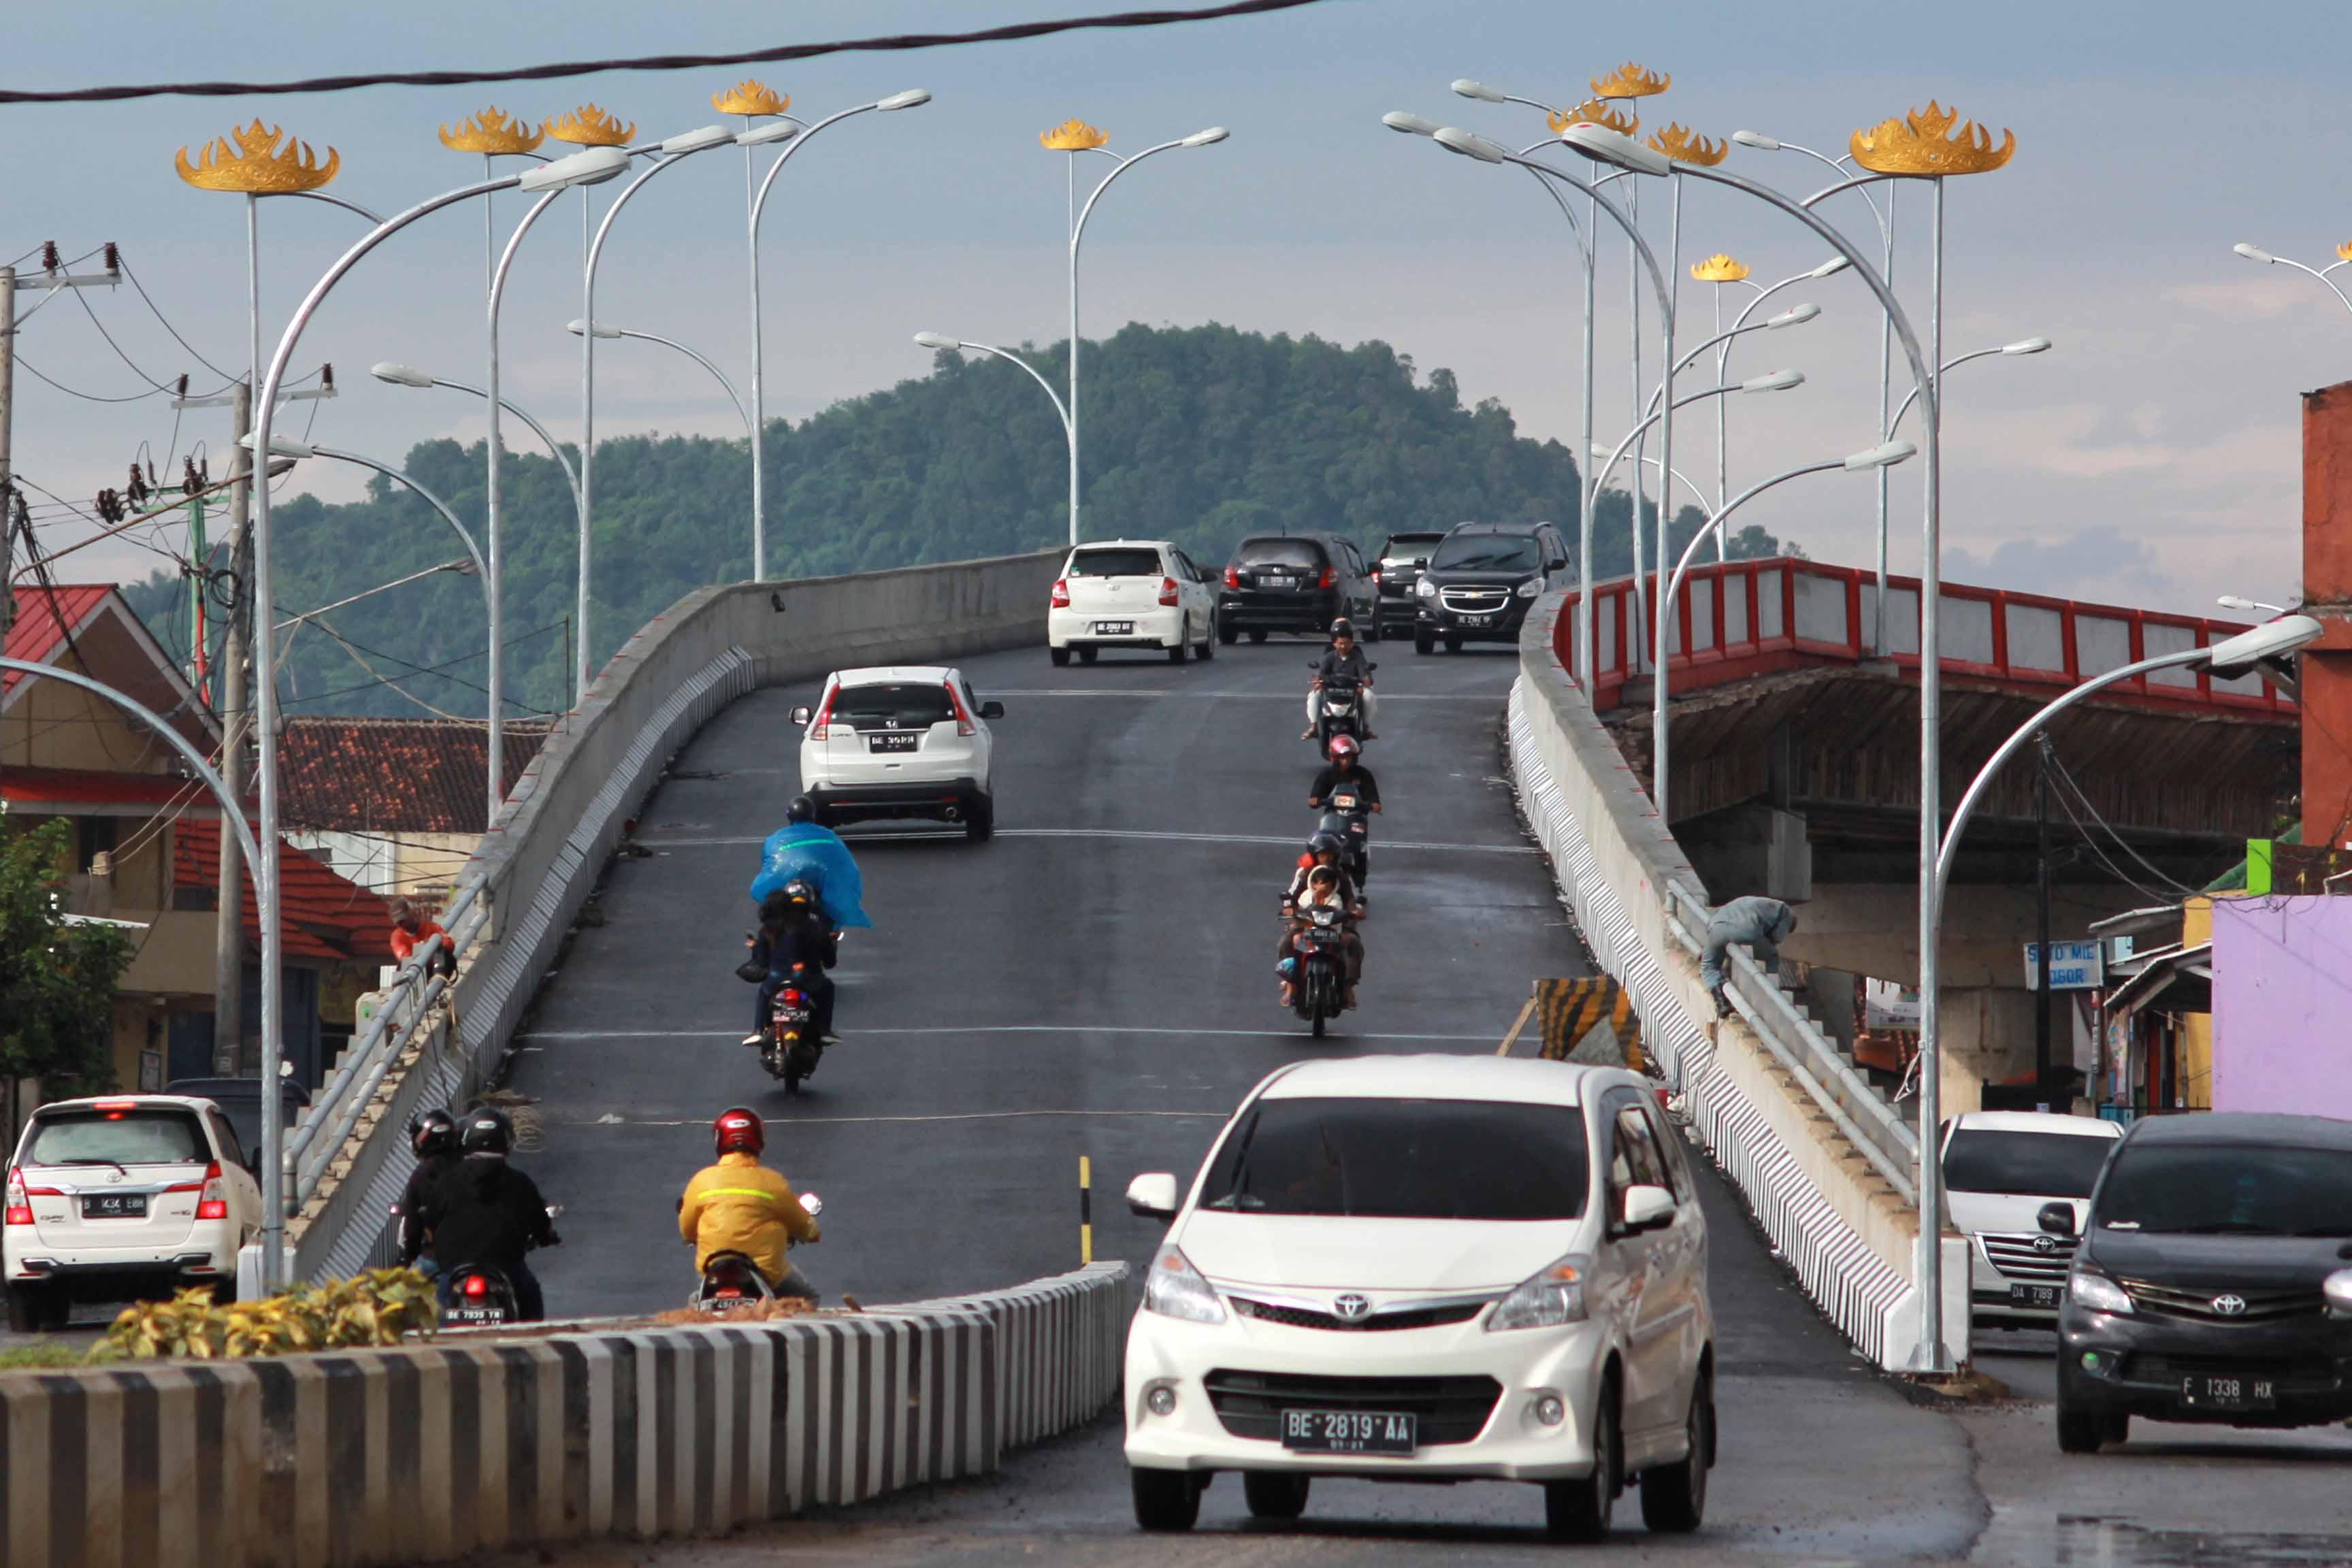 Sejumlah kendaraan melintasi fly over atau jembatan layang yang menghubungkan Jalan Gajah Mada - P Antasari Kota Bandar Lampung. Kamis (22/16). Jalan layang tersebut akan segera diresmikan pemerintah setempat untuk memperlancar arus lalu lintas. (lampungnews/El Shinta).